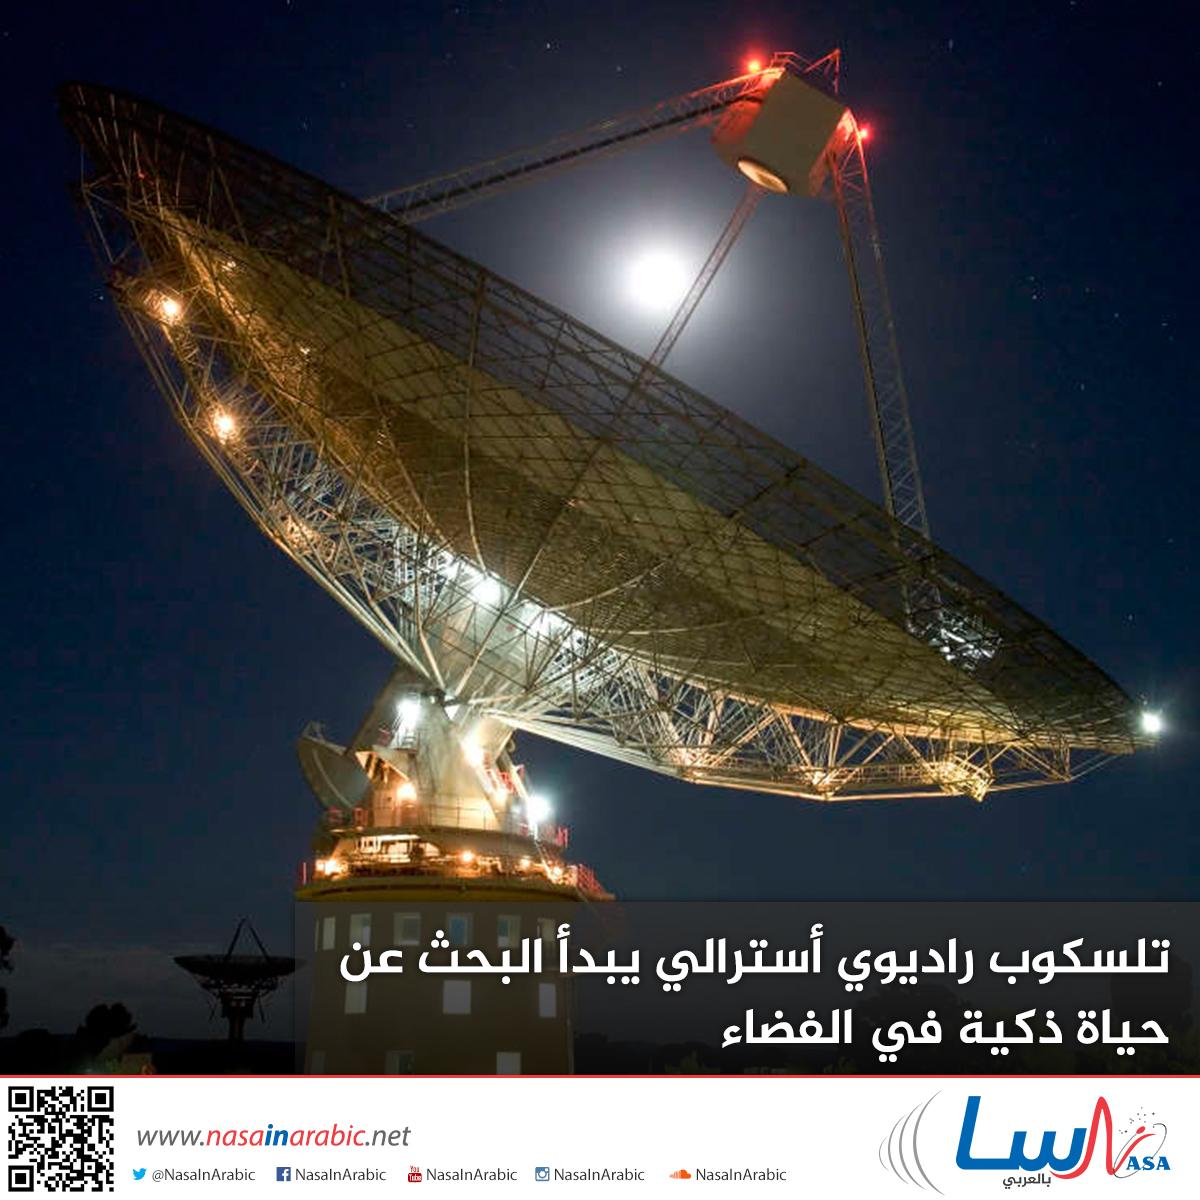 تلسكوب راديوي أسترالي يبدأ البحث عن حياة ذكية في الفضاء